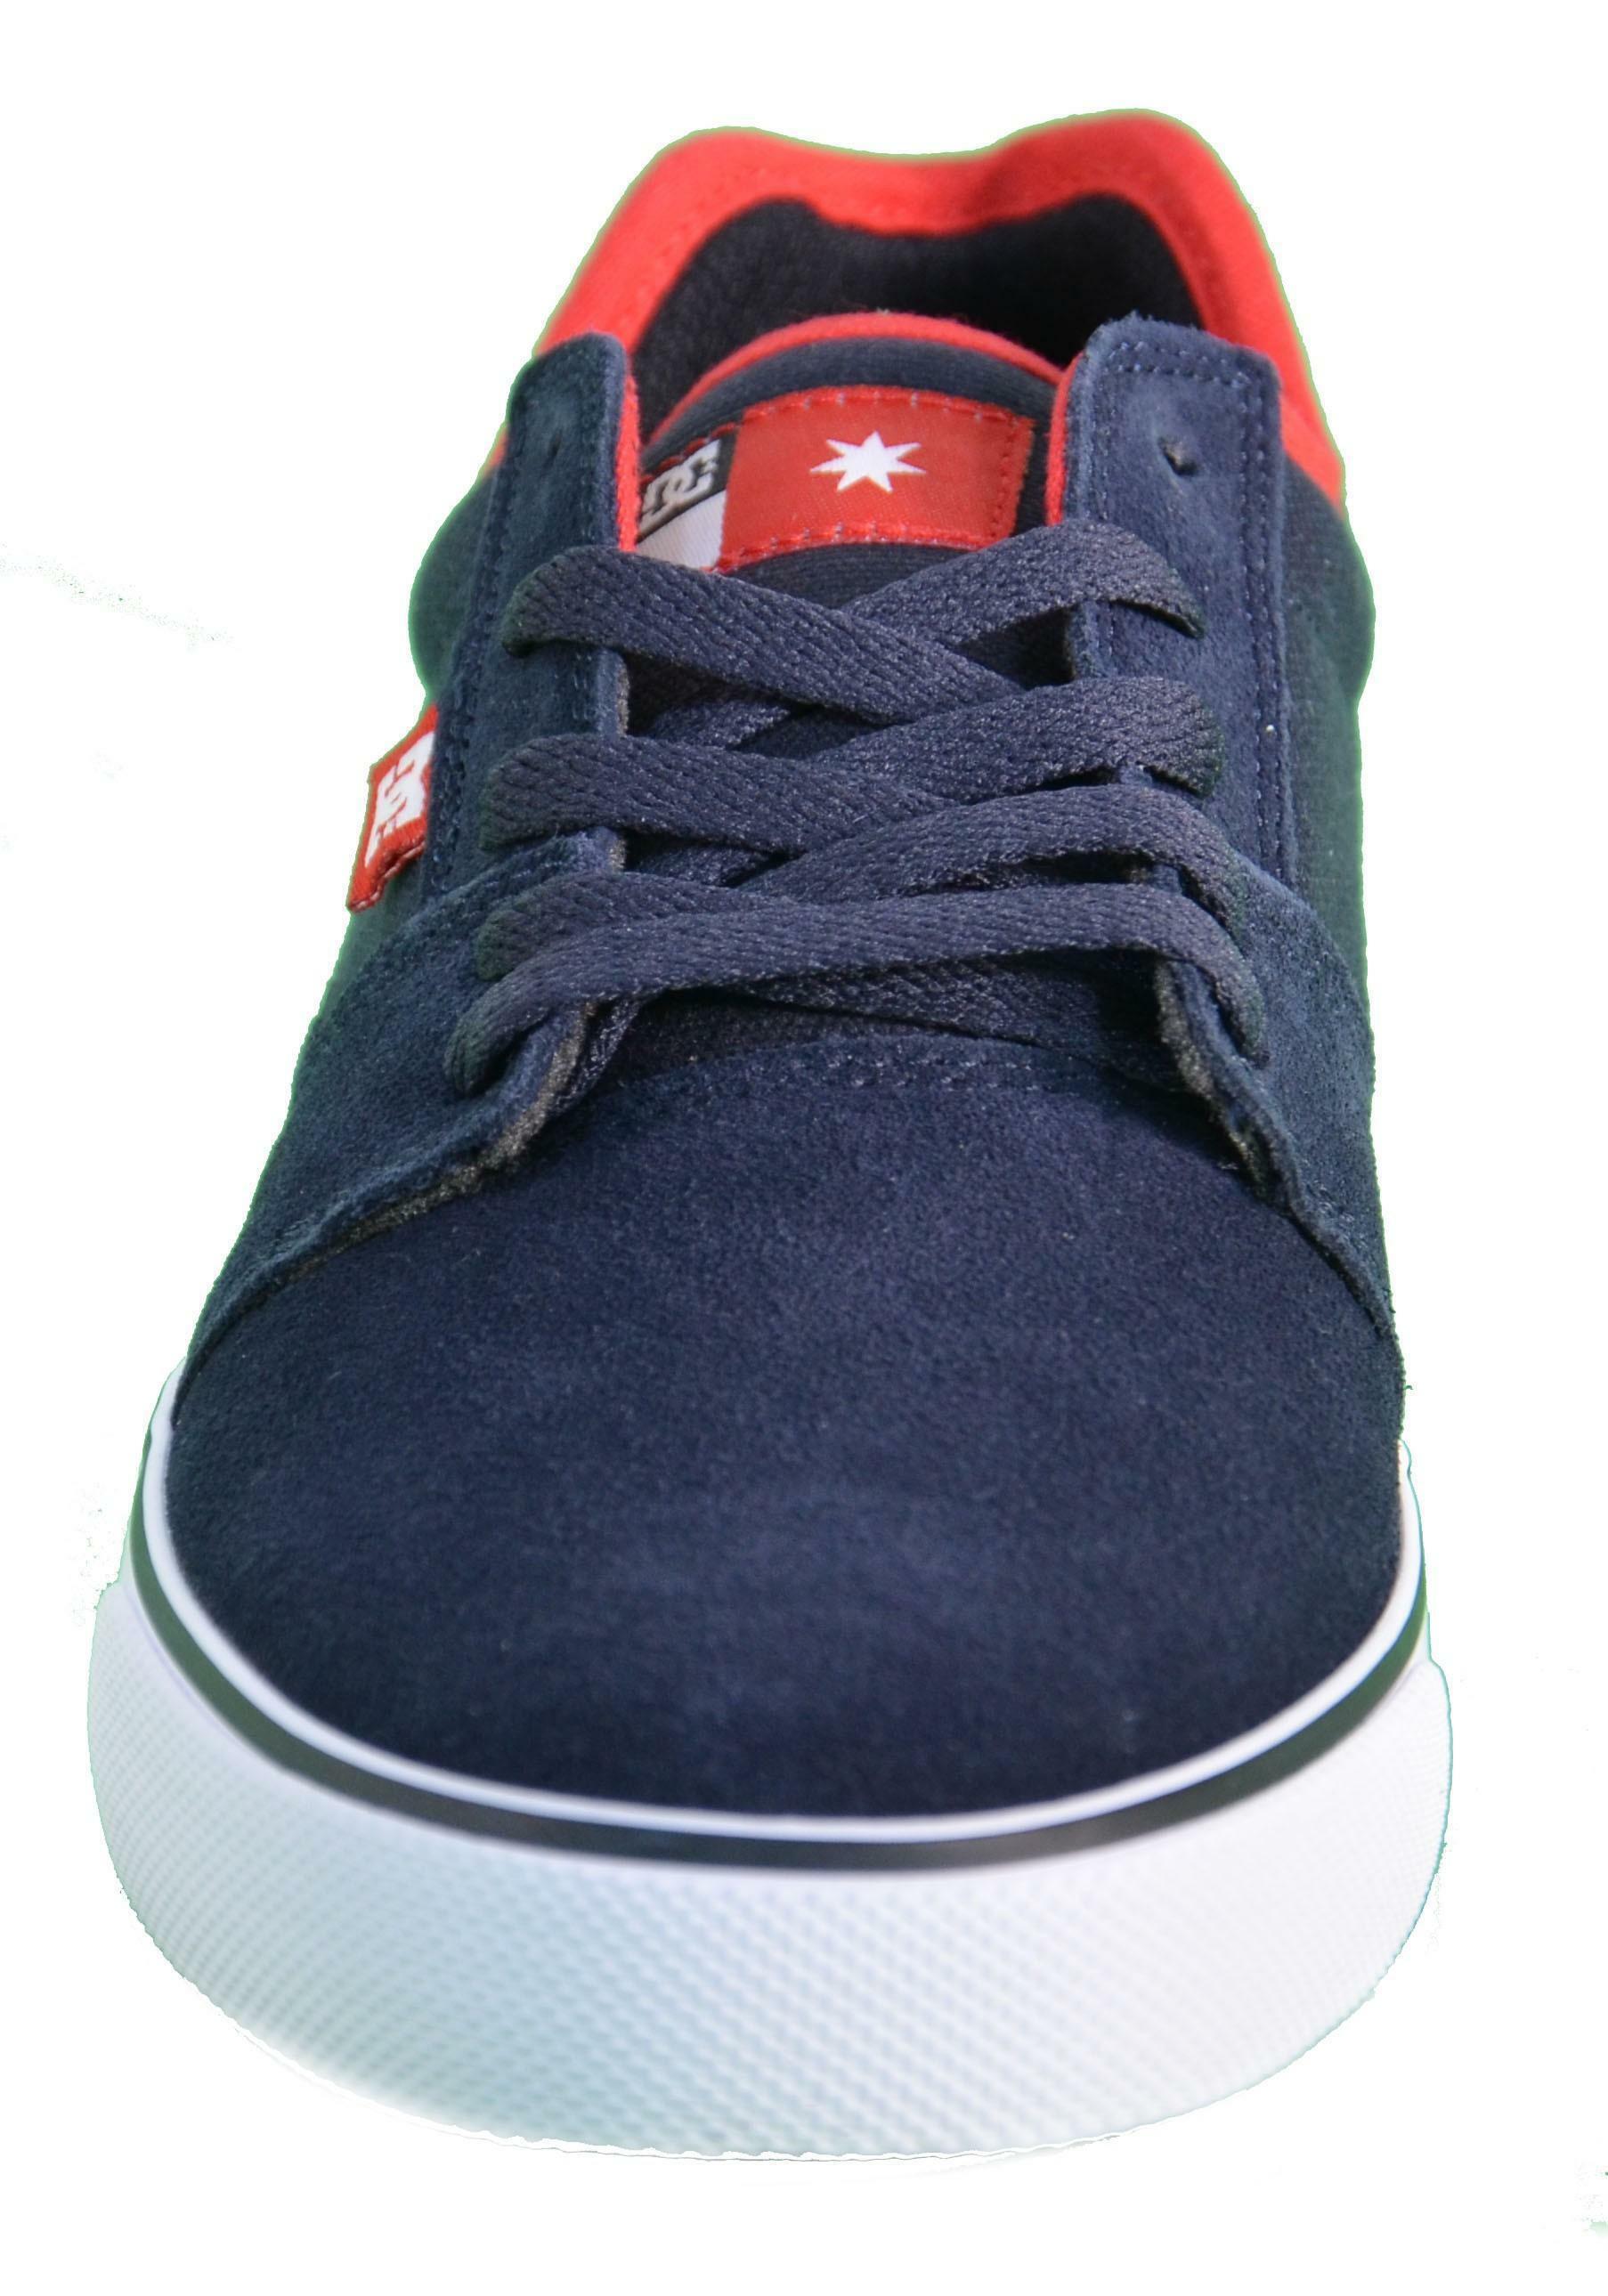 dc dc shoes tonik s scarpe uomo blu pelle 302890